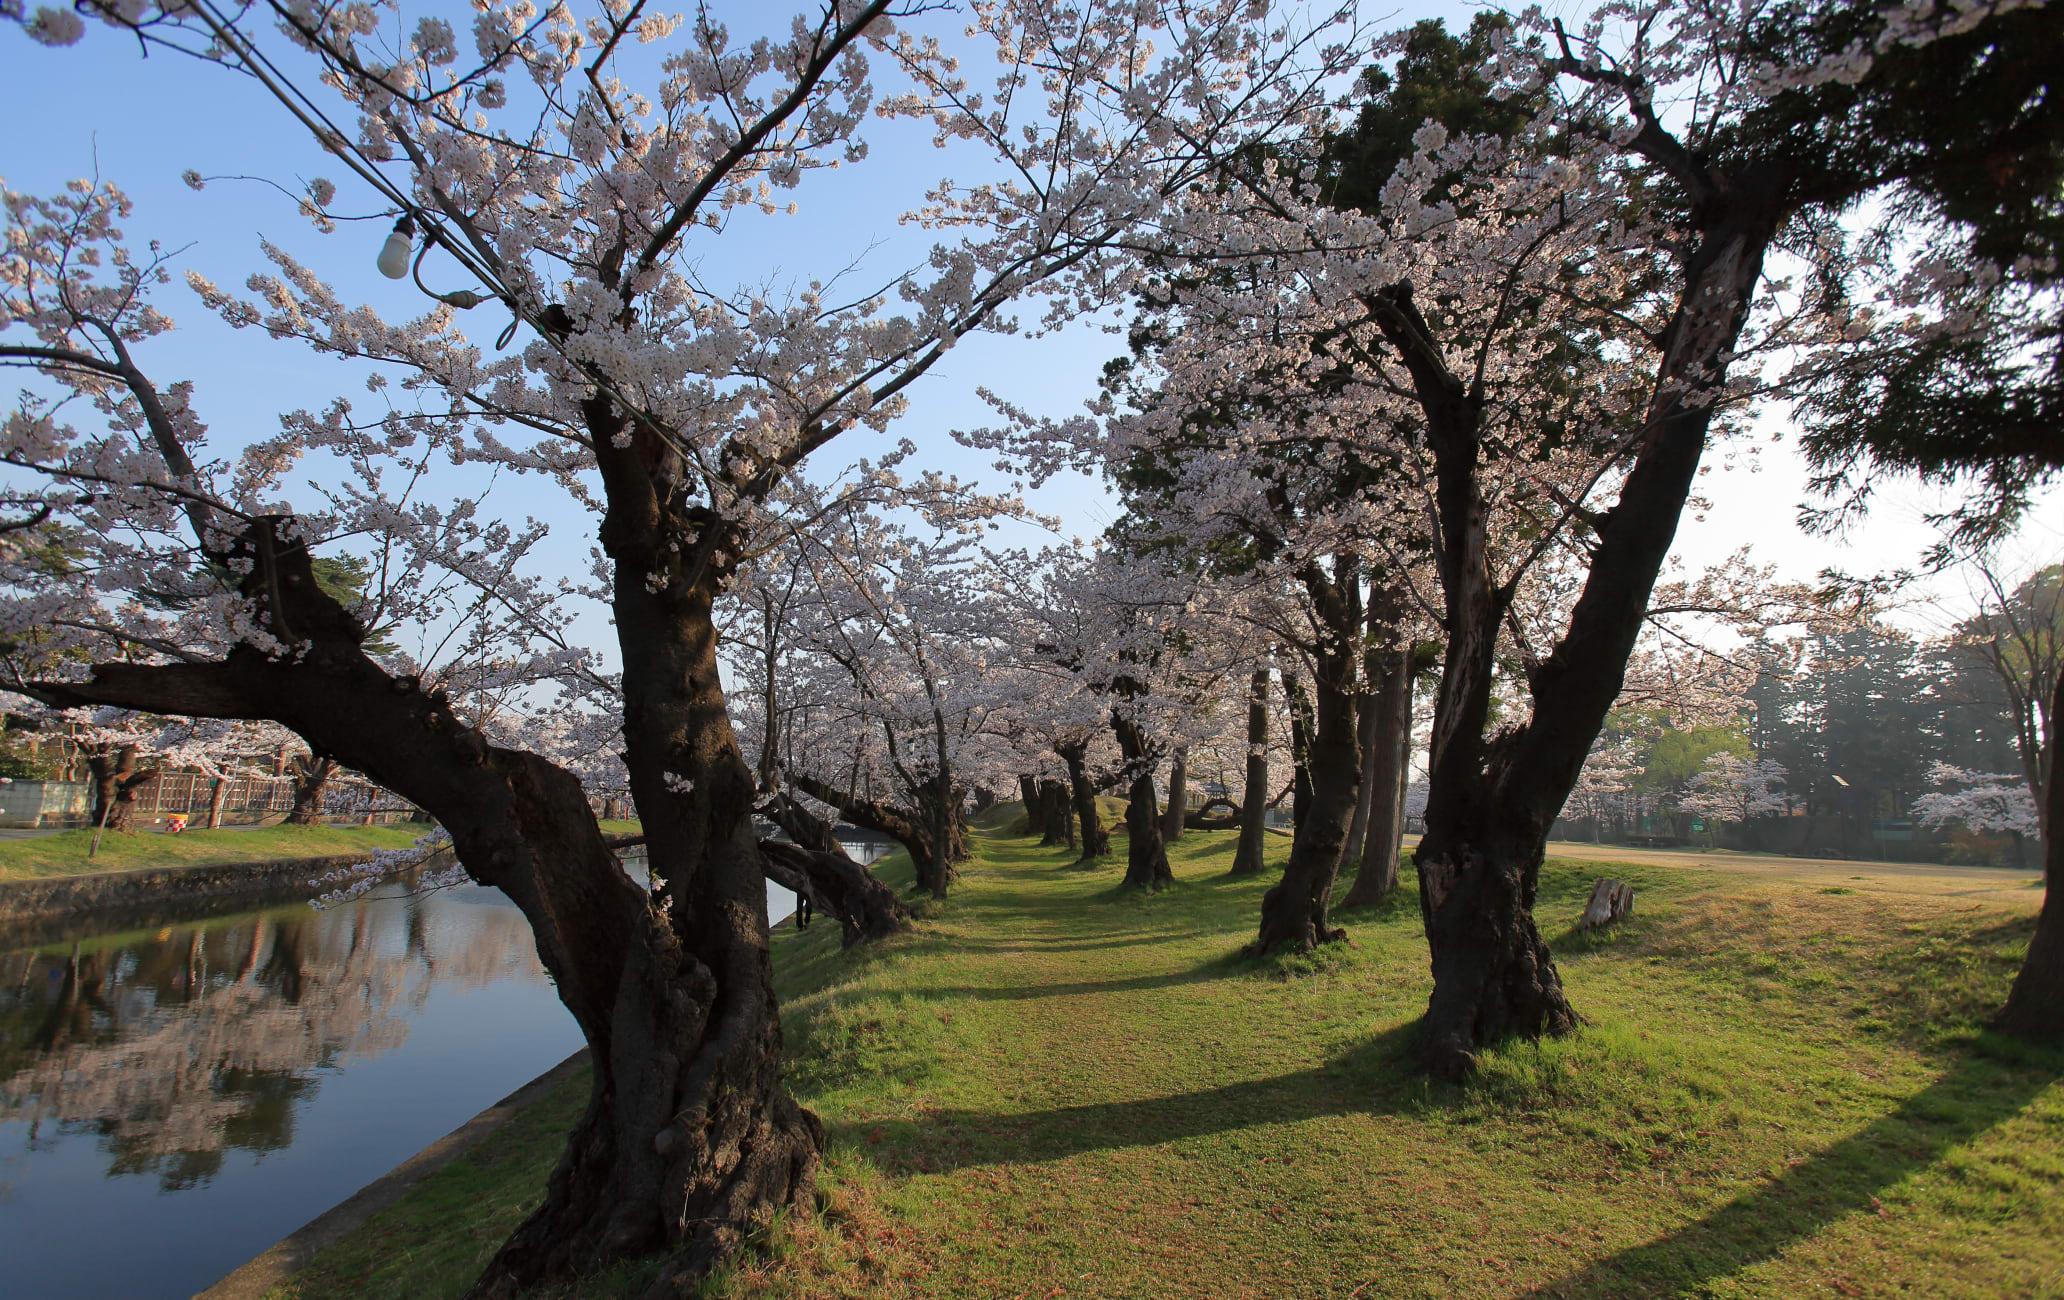 tsuruoka park-cherry blossom